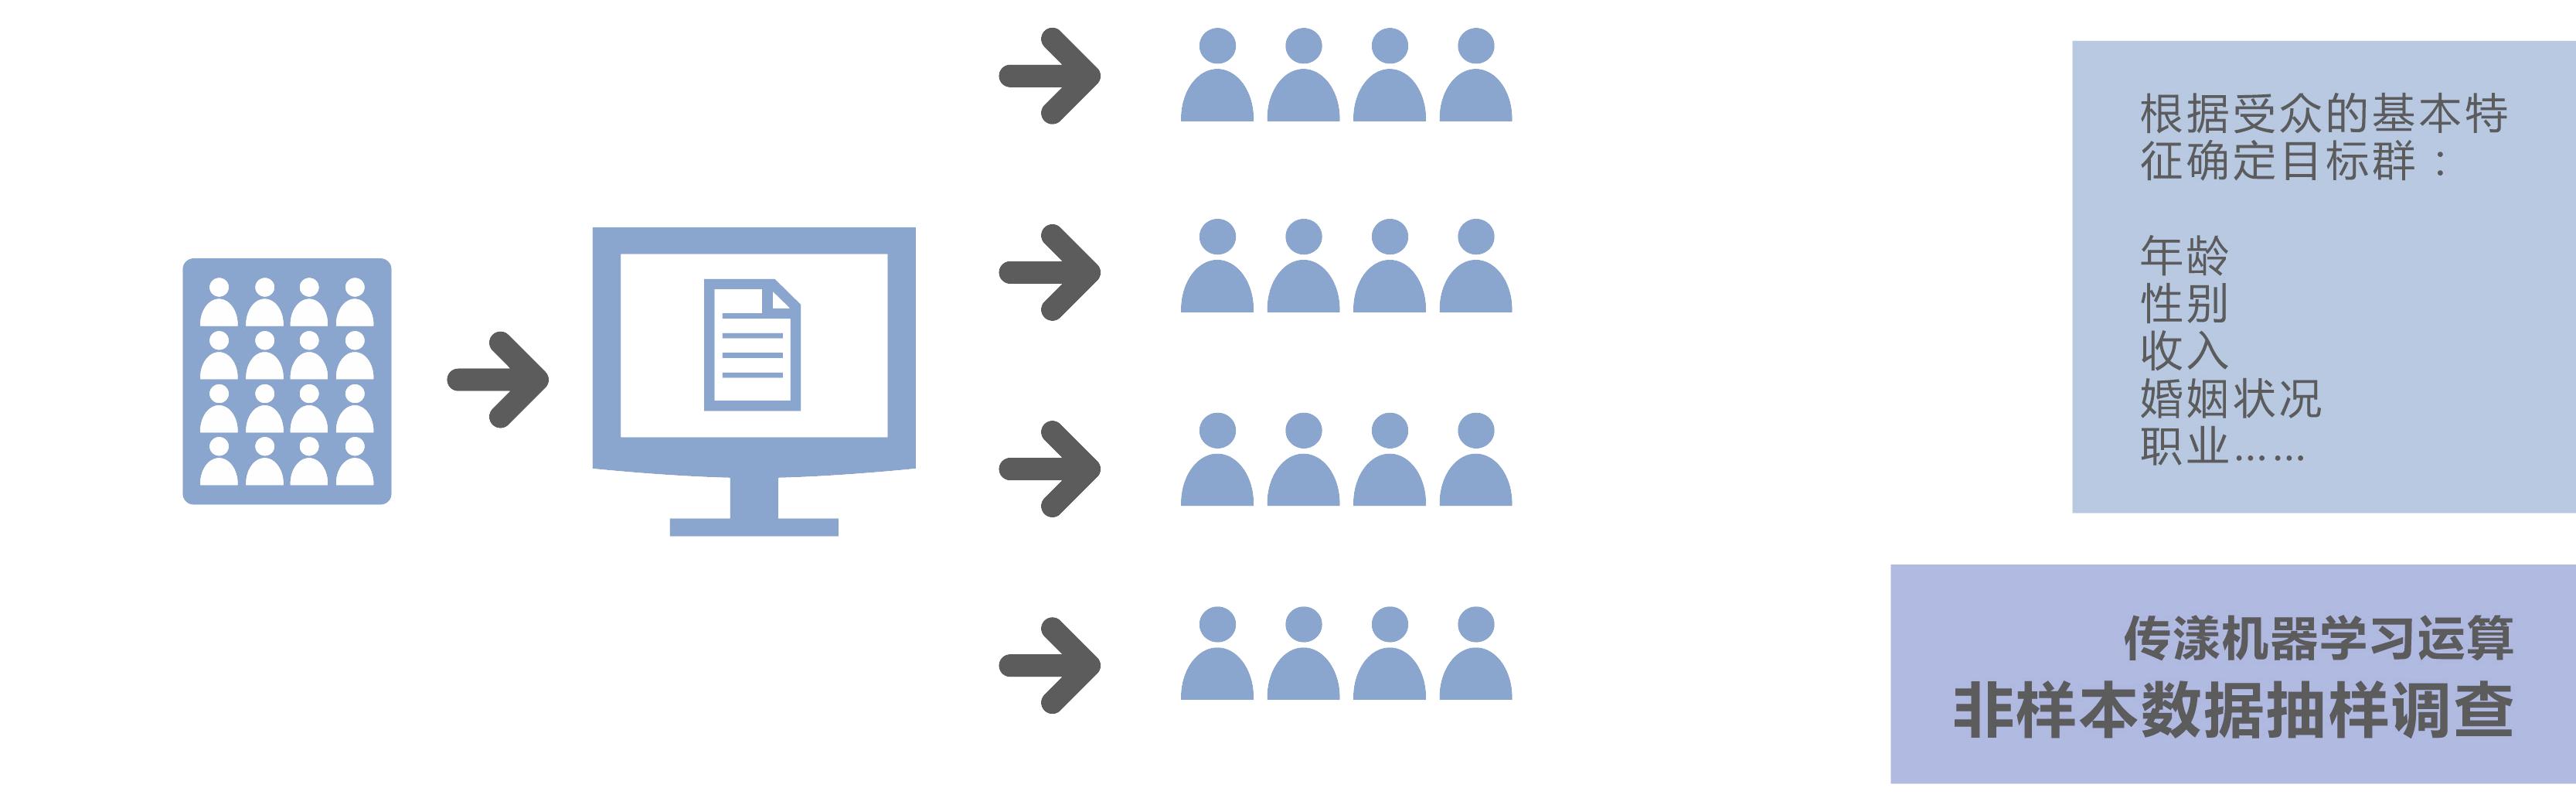 图1 人群建模分析1.PNG